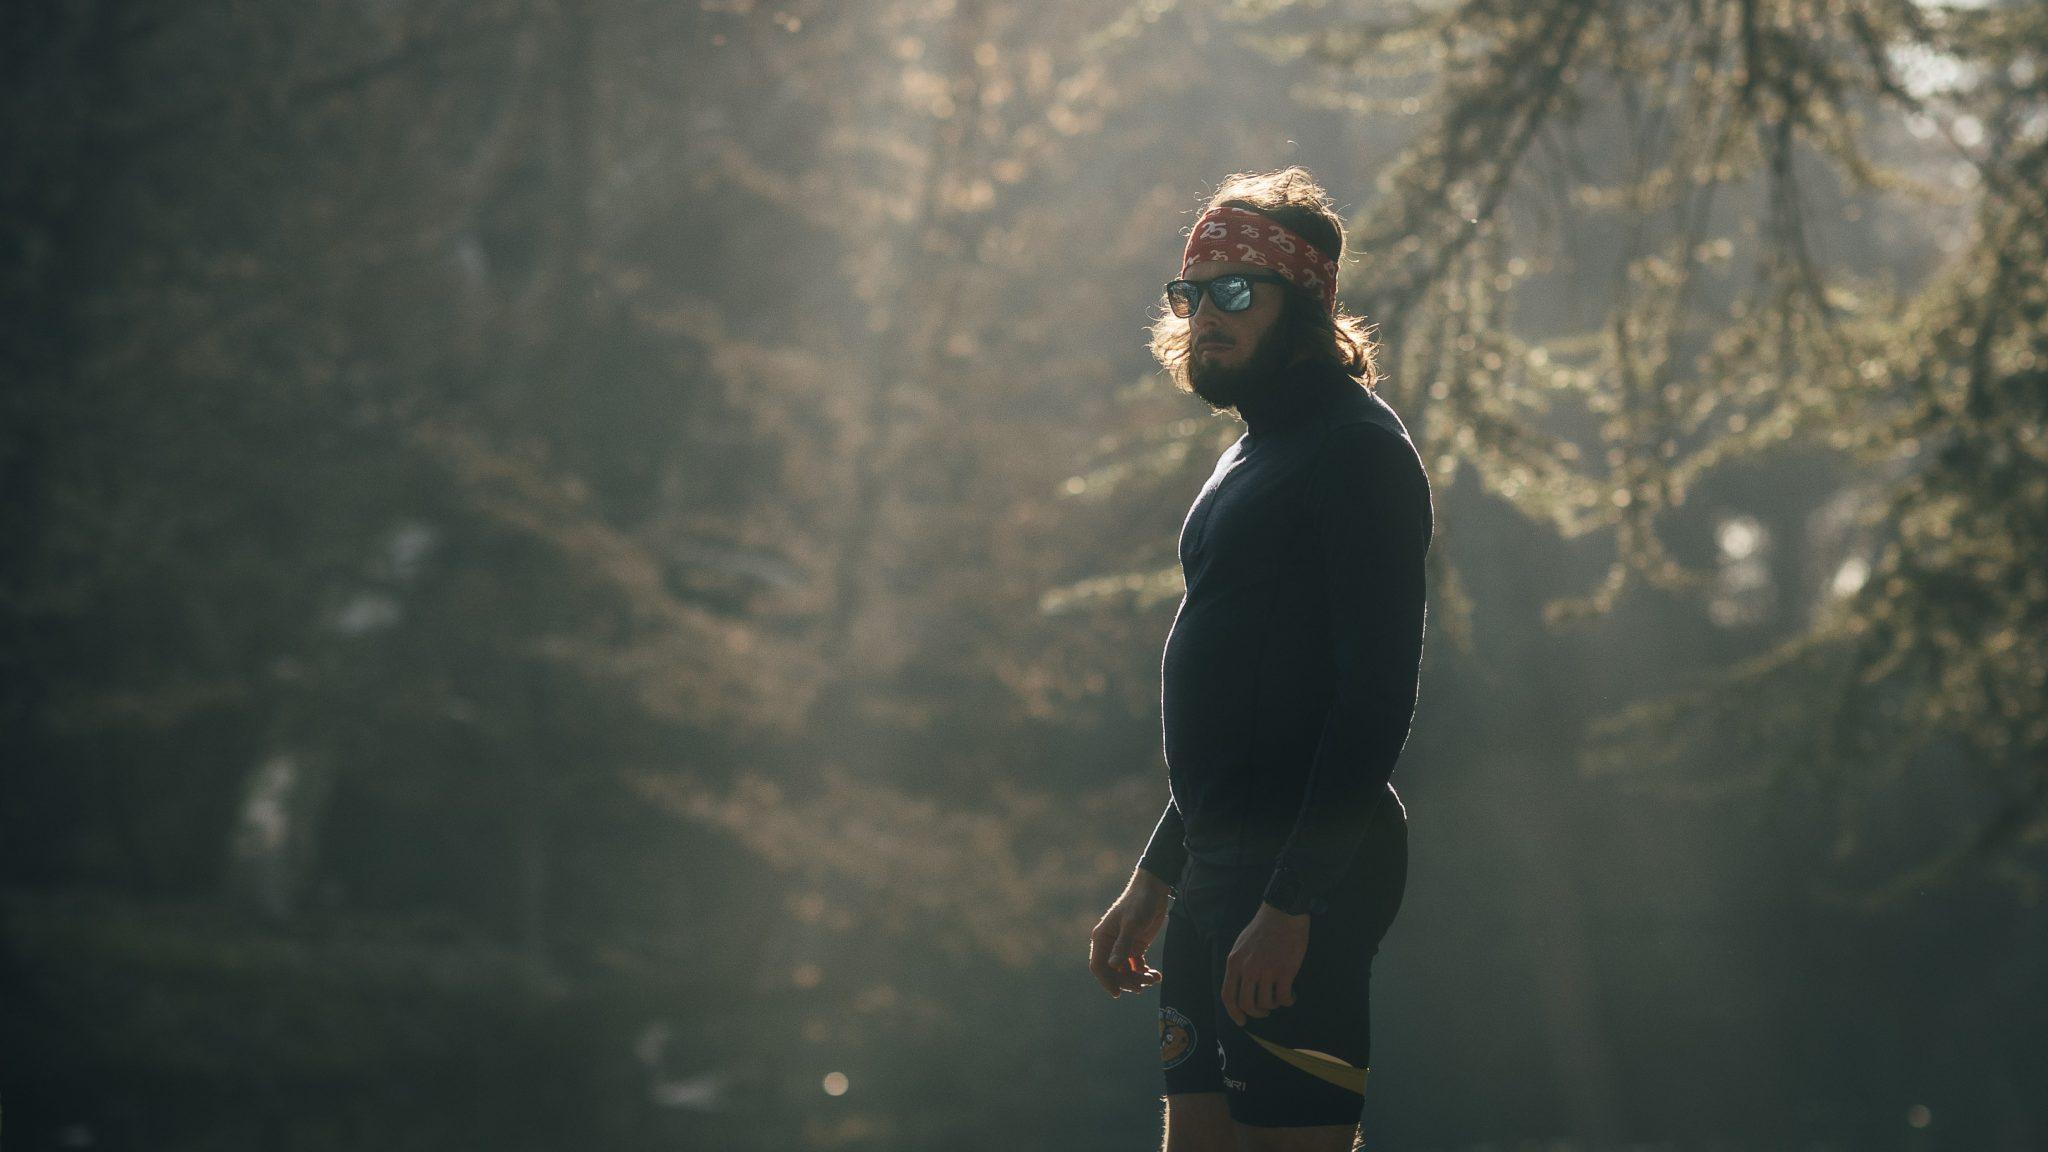 il corridore mentre si riposa dalla corsa nella foresta